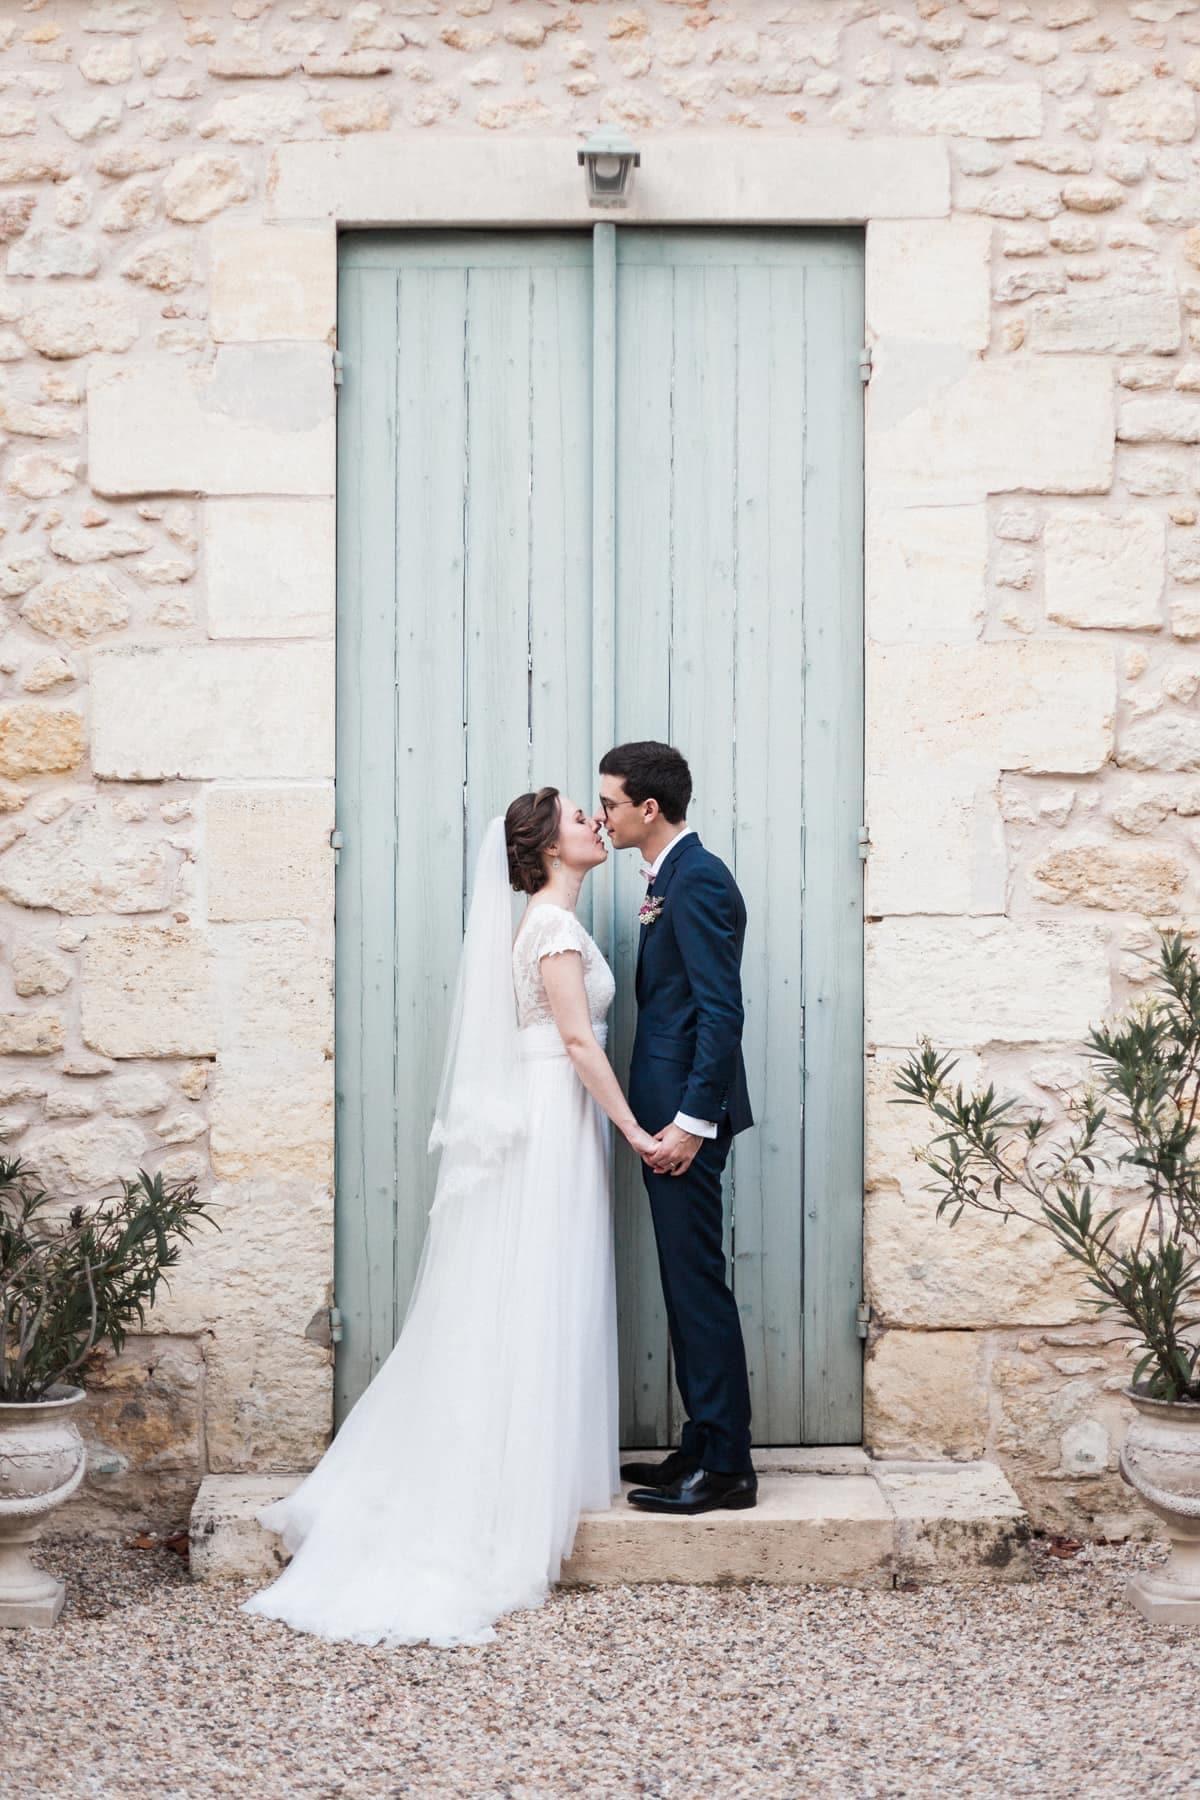 Mariage pastel franco russe à Bordeaux : photo de couple